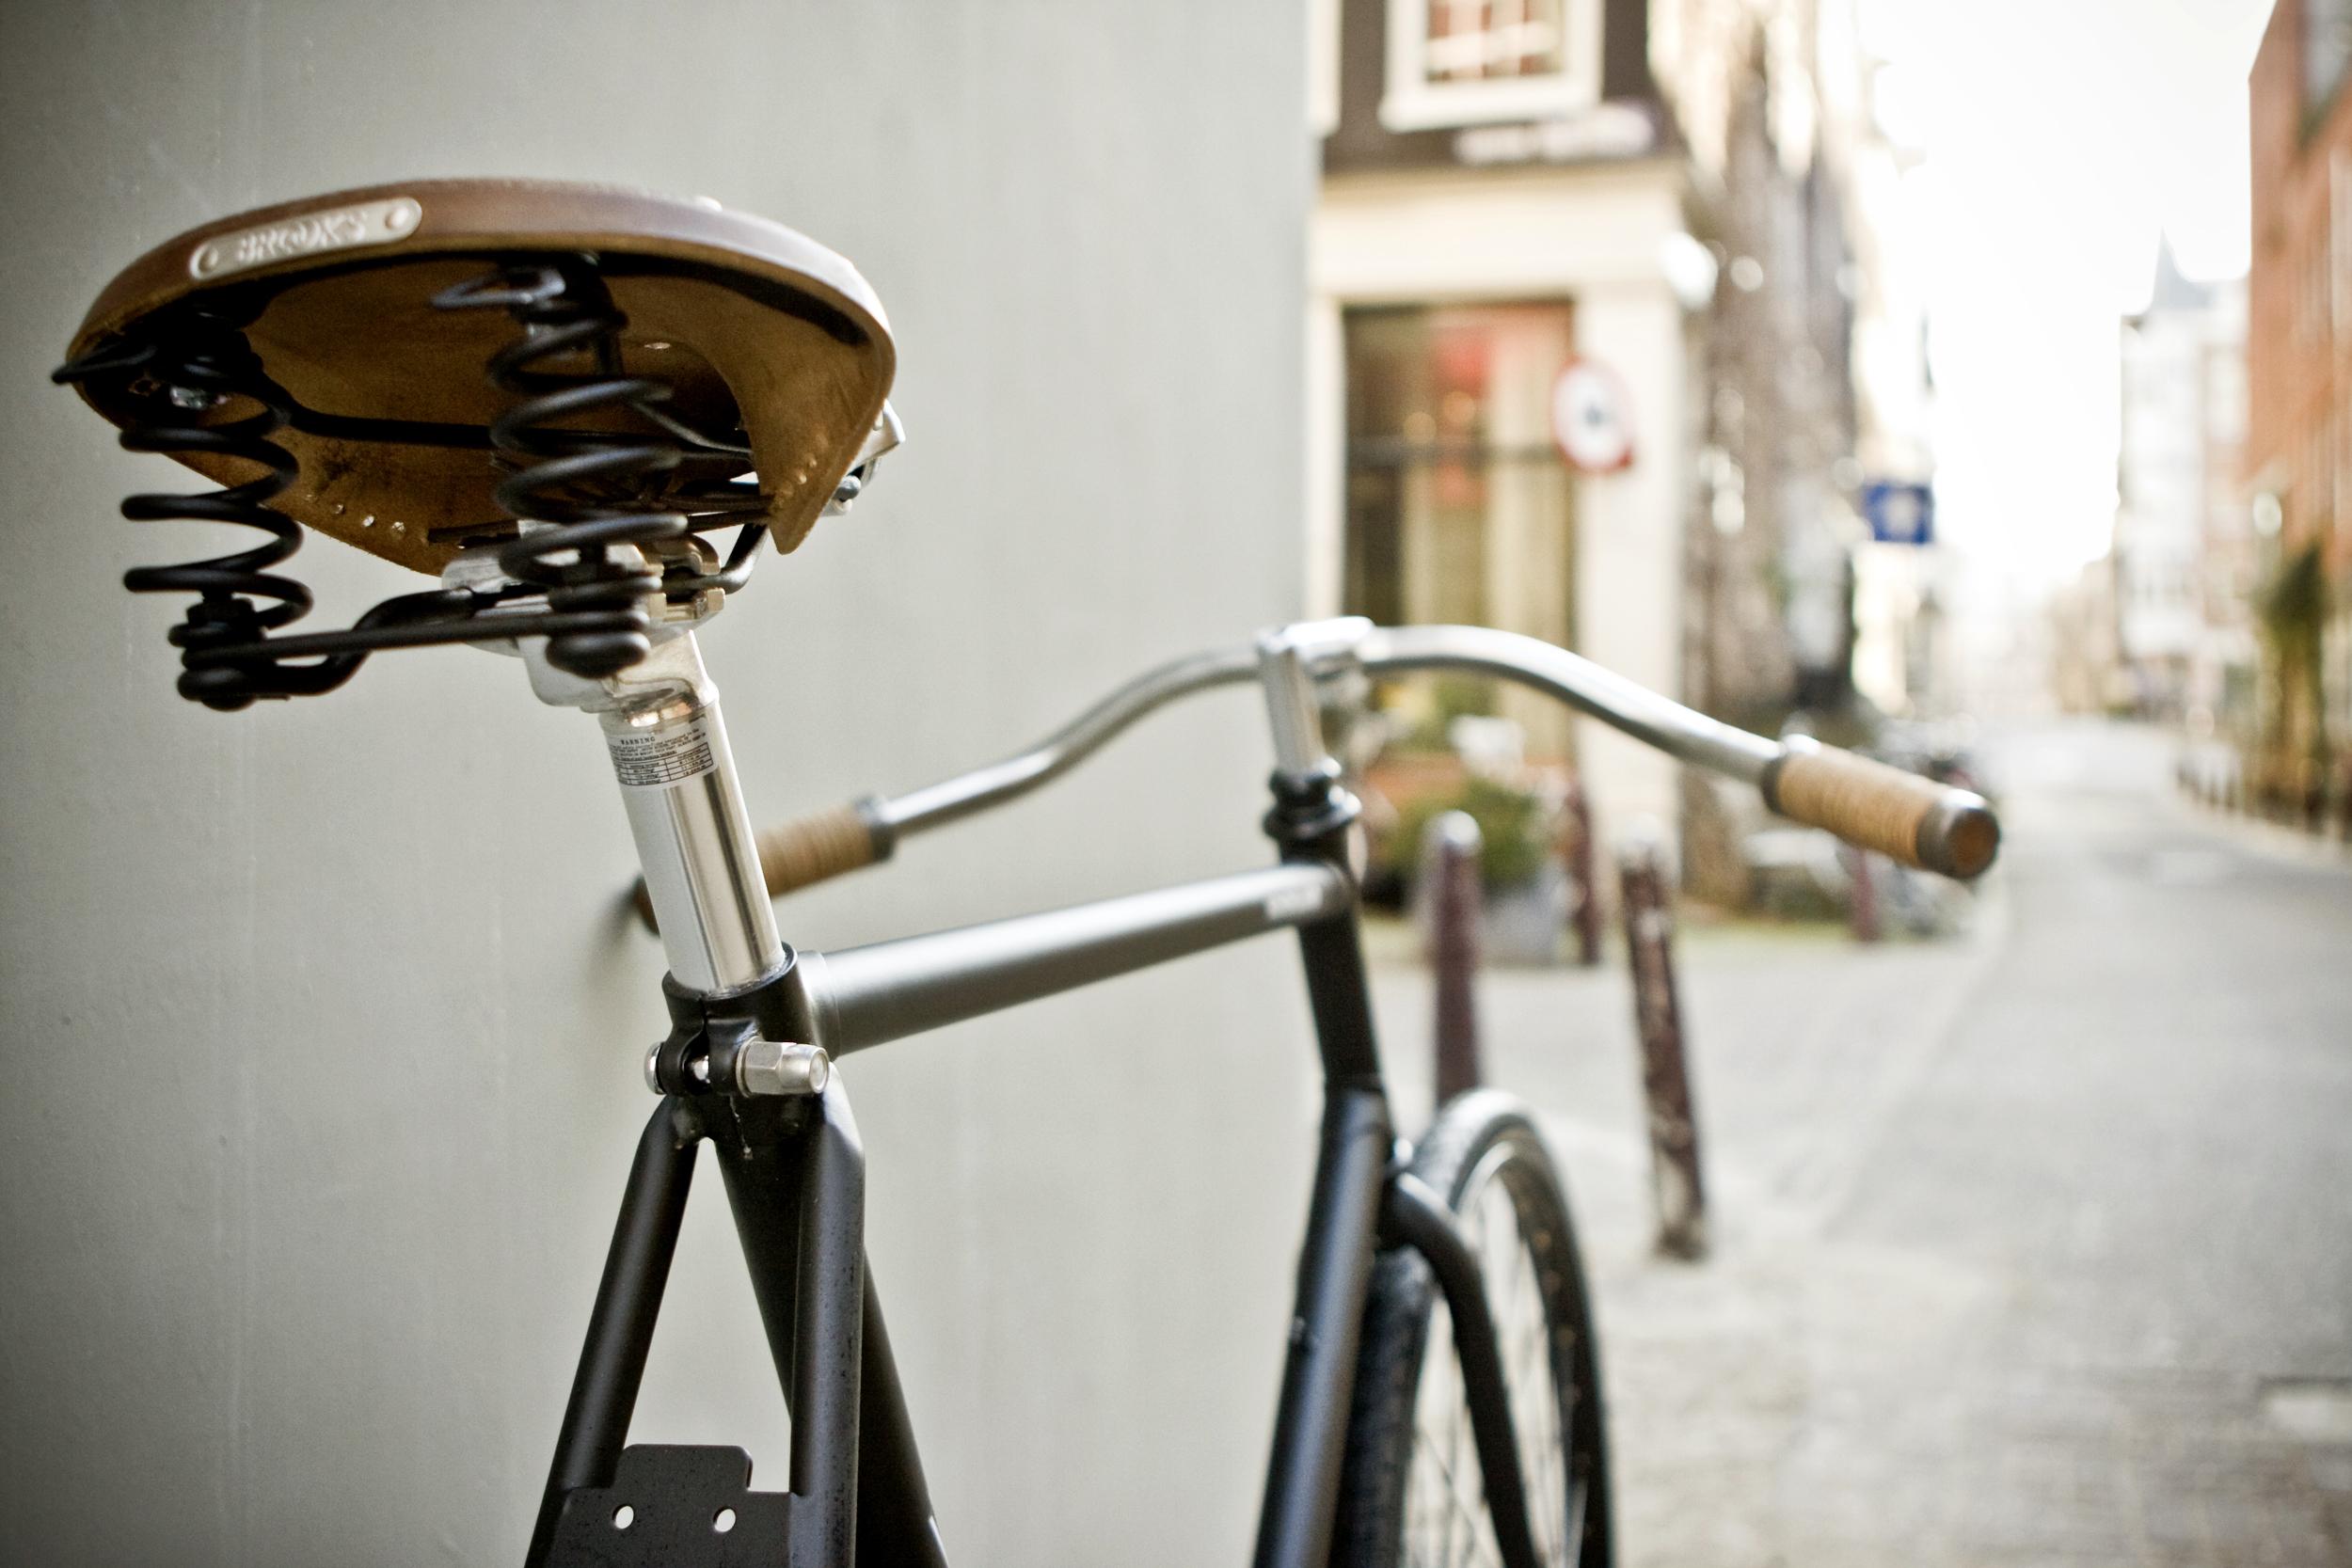 Waarmakers x Azor Bike - Schokland 7.jpg